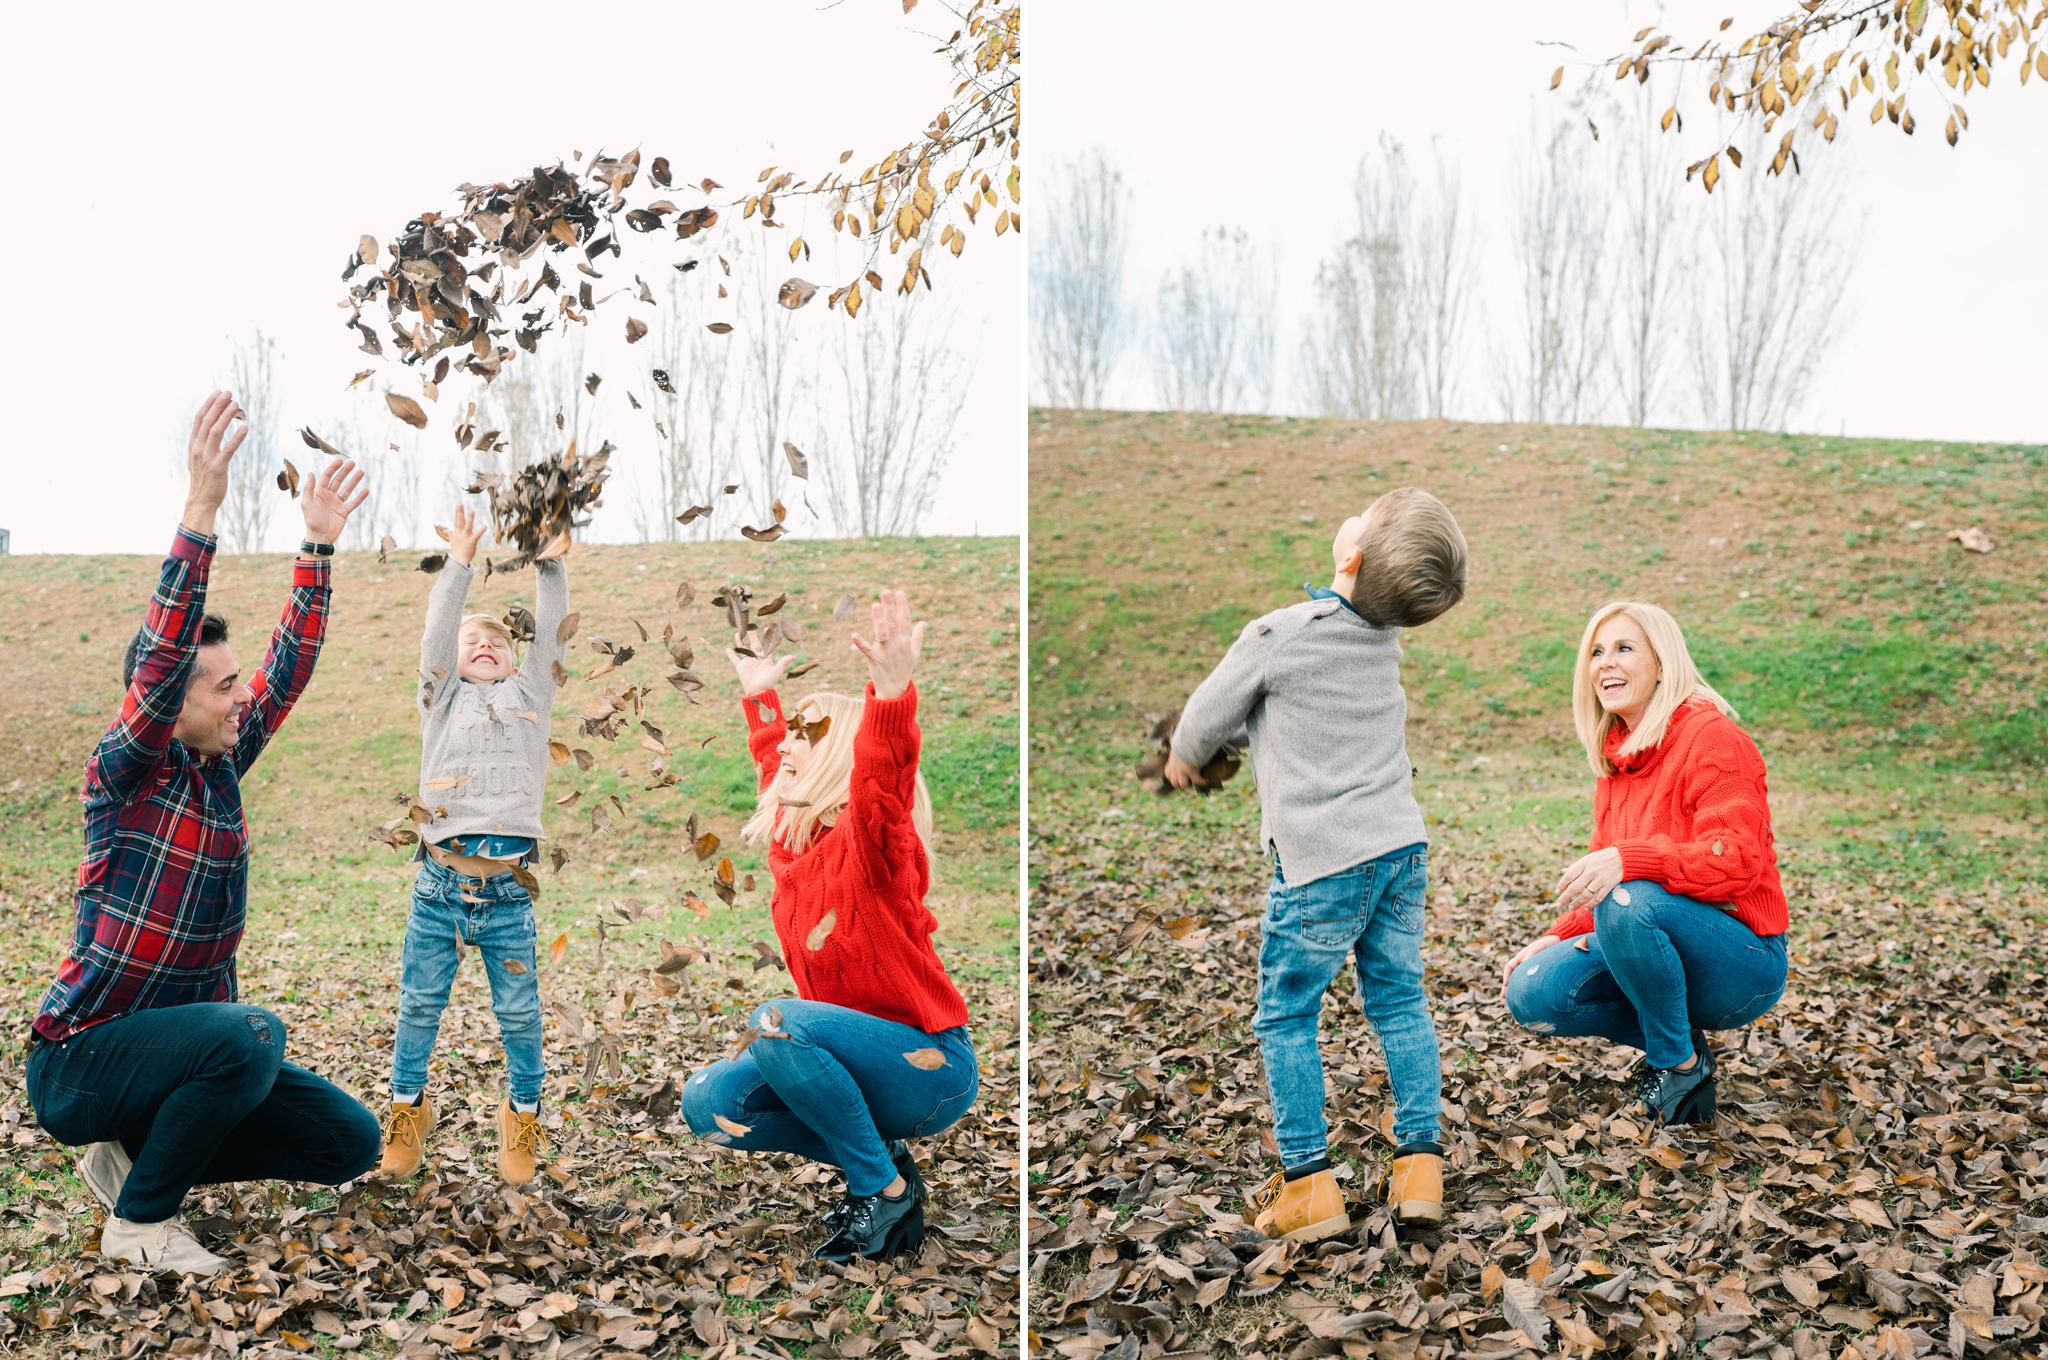 fotografia infantil y familiar26.jpg